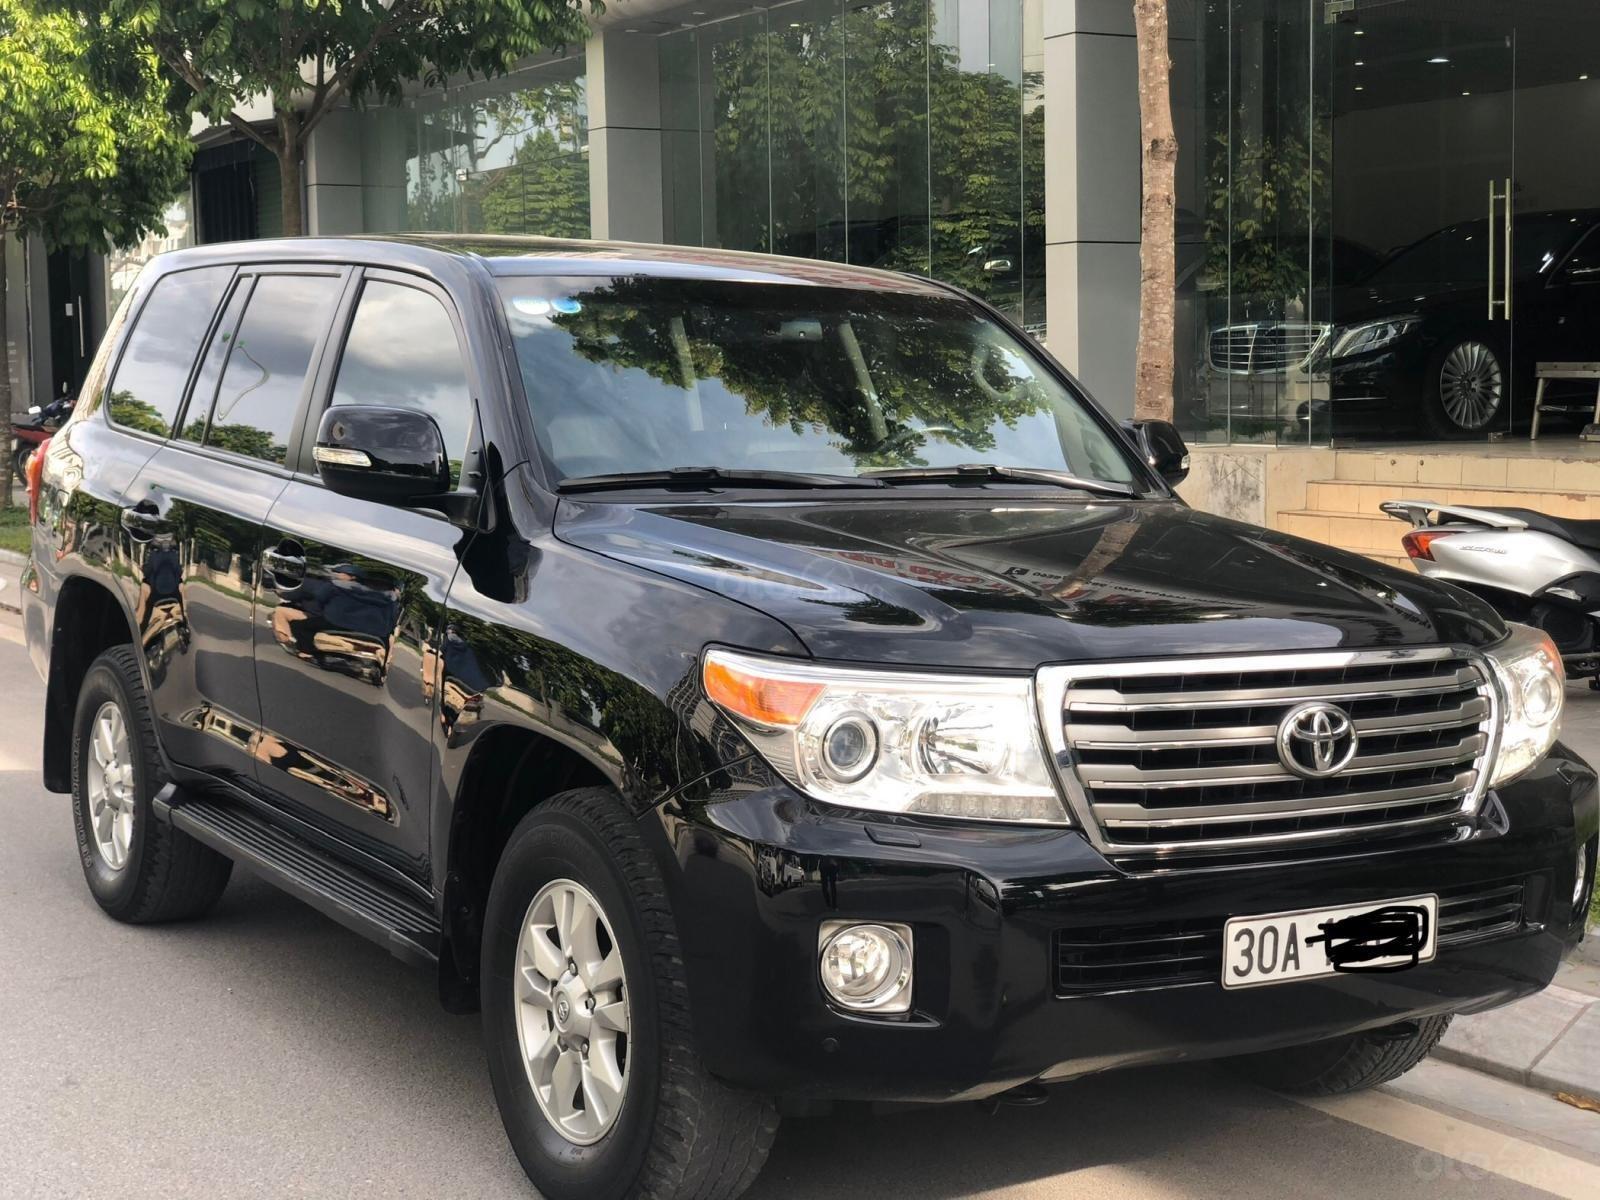 Bán ô tô Toyota Land Cruiser VX năm 2013, màu đen, nhập khẩu nguyên chiếc (1)